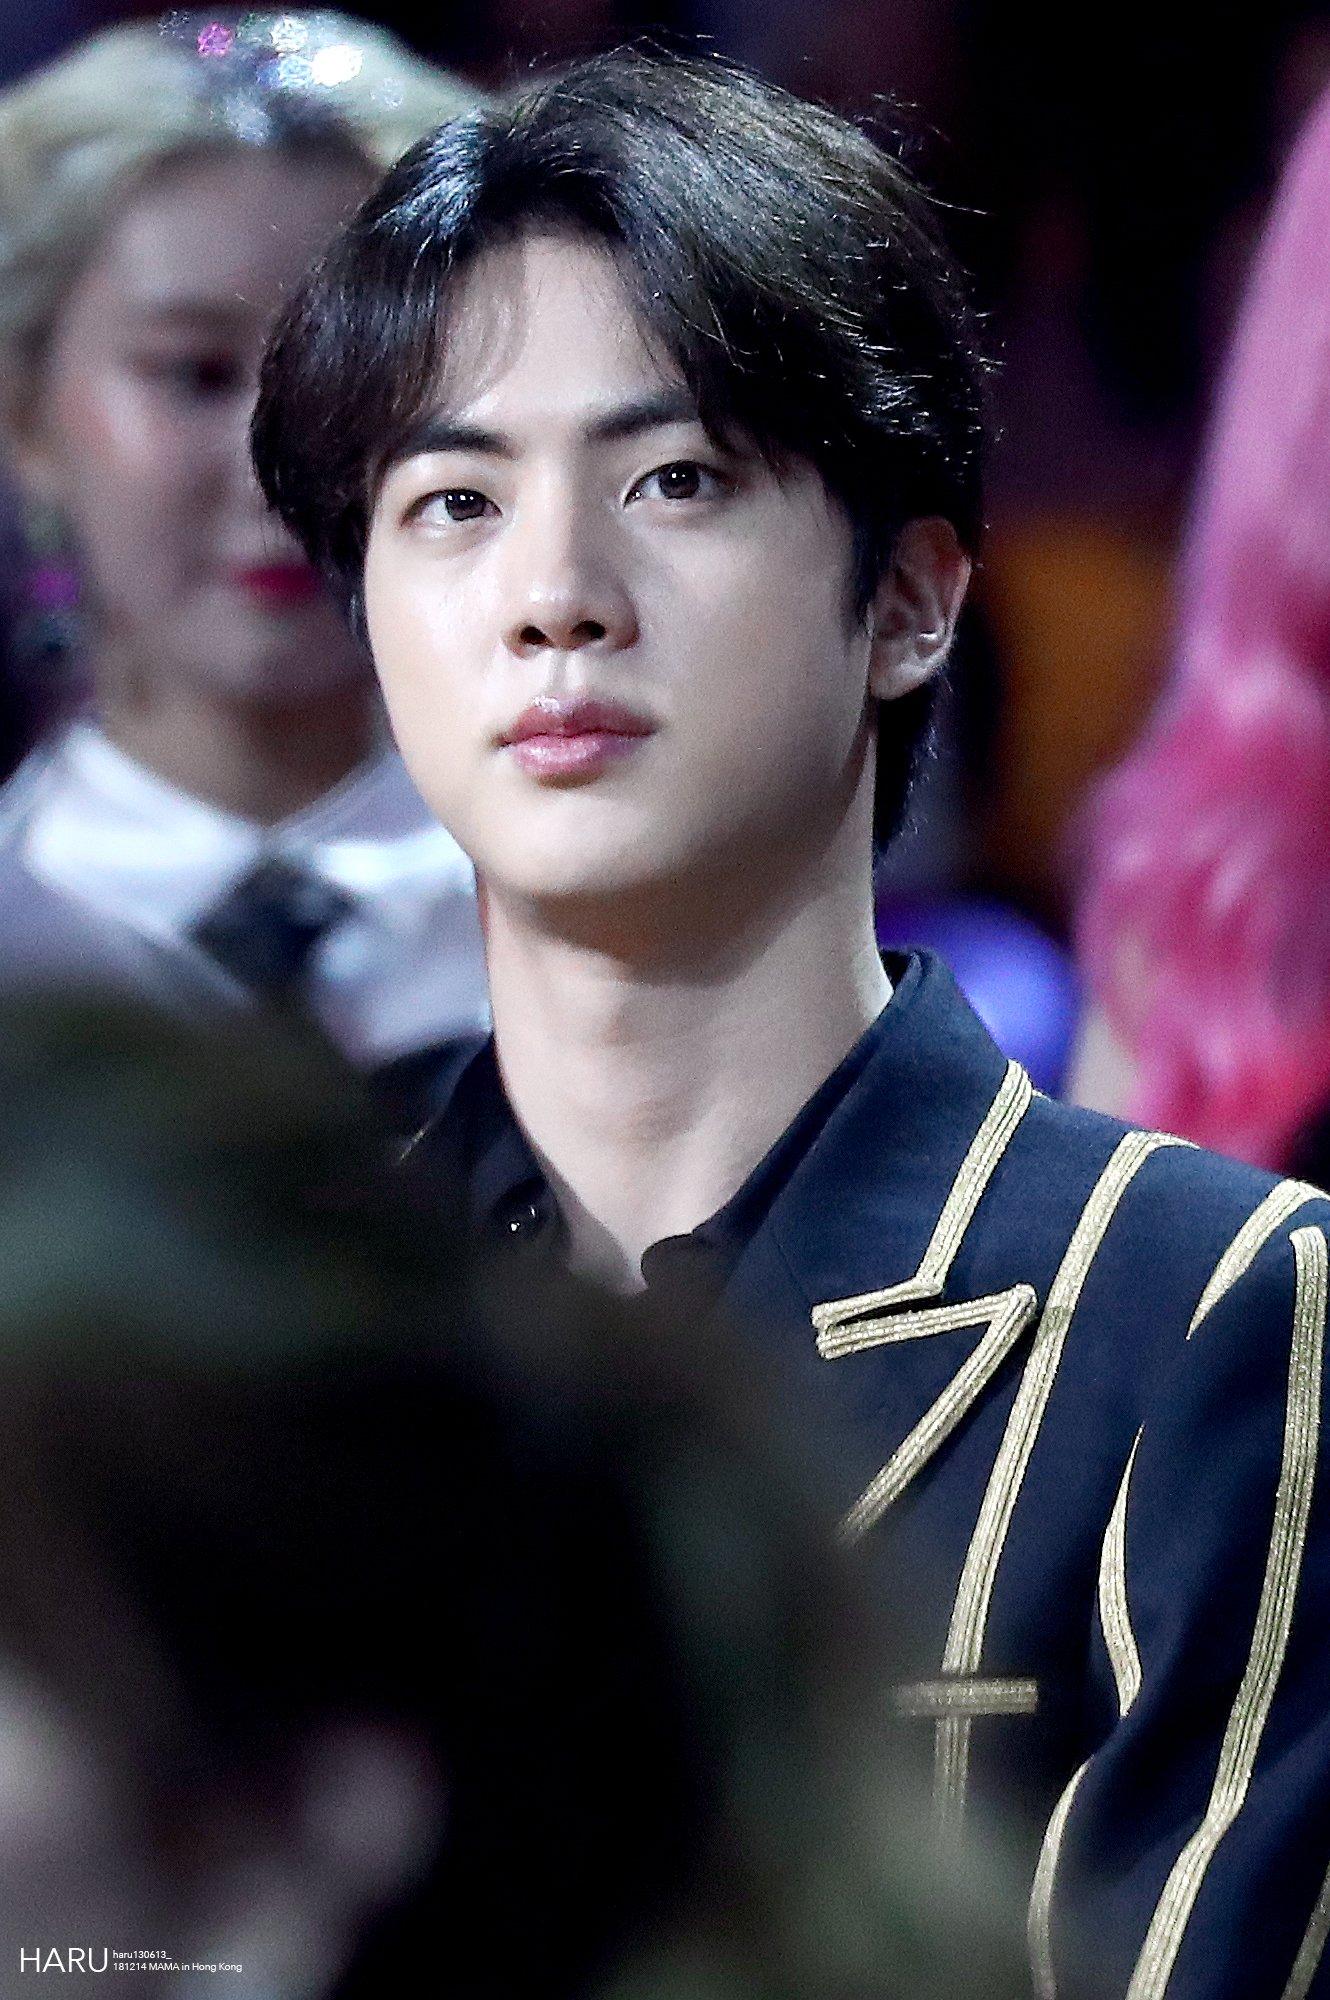 BTS Jin Gold-striped Suit